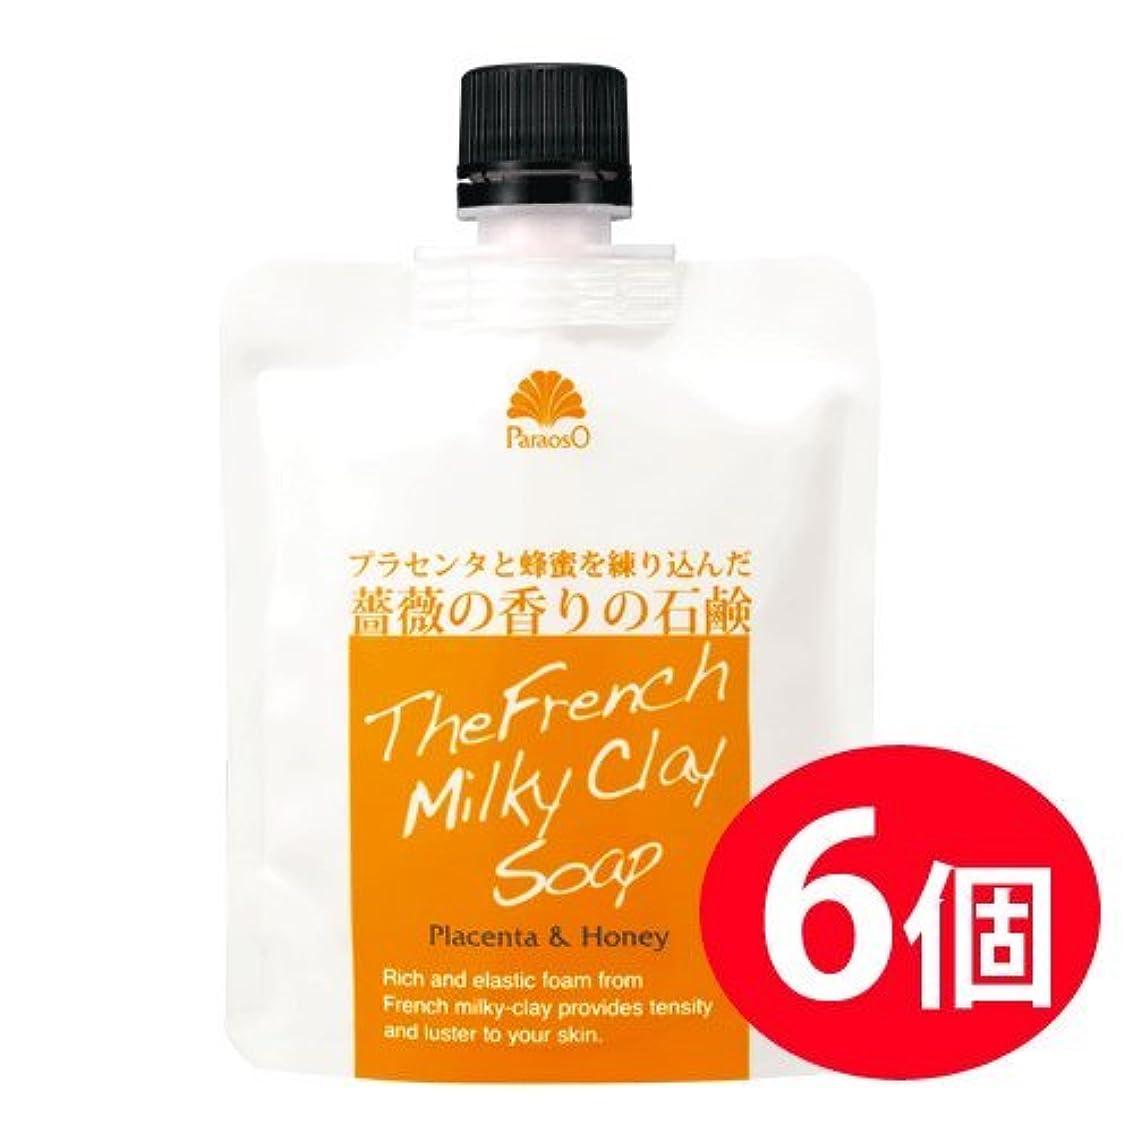 民間手荷物学習プラセンタと蜂蜜を練り込んだ薔薇の香りの生石鹸 パラオソフレンチクレイソープ 6個